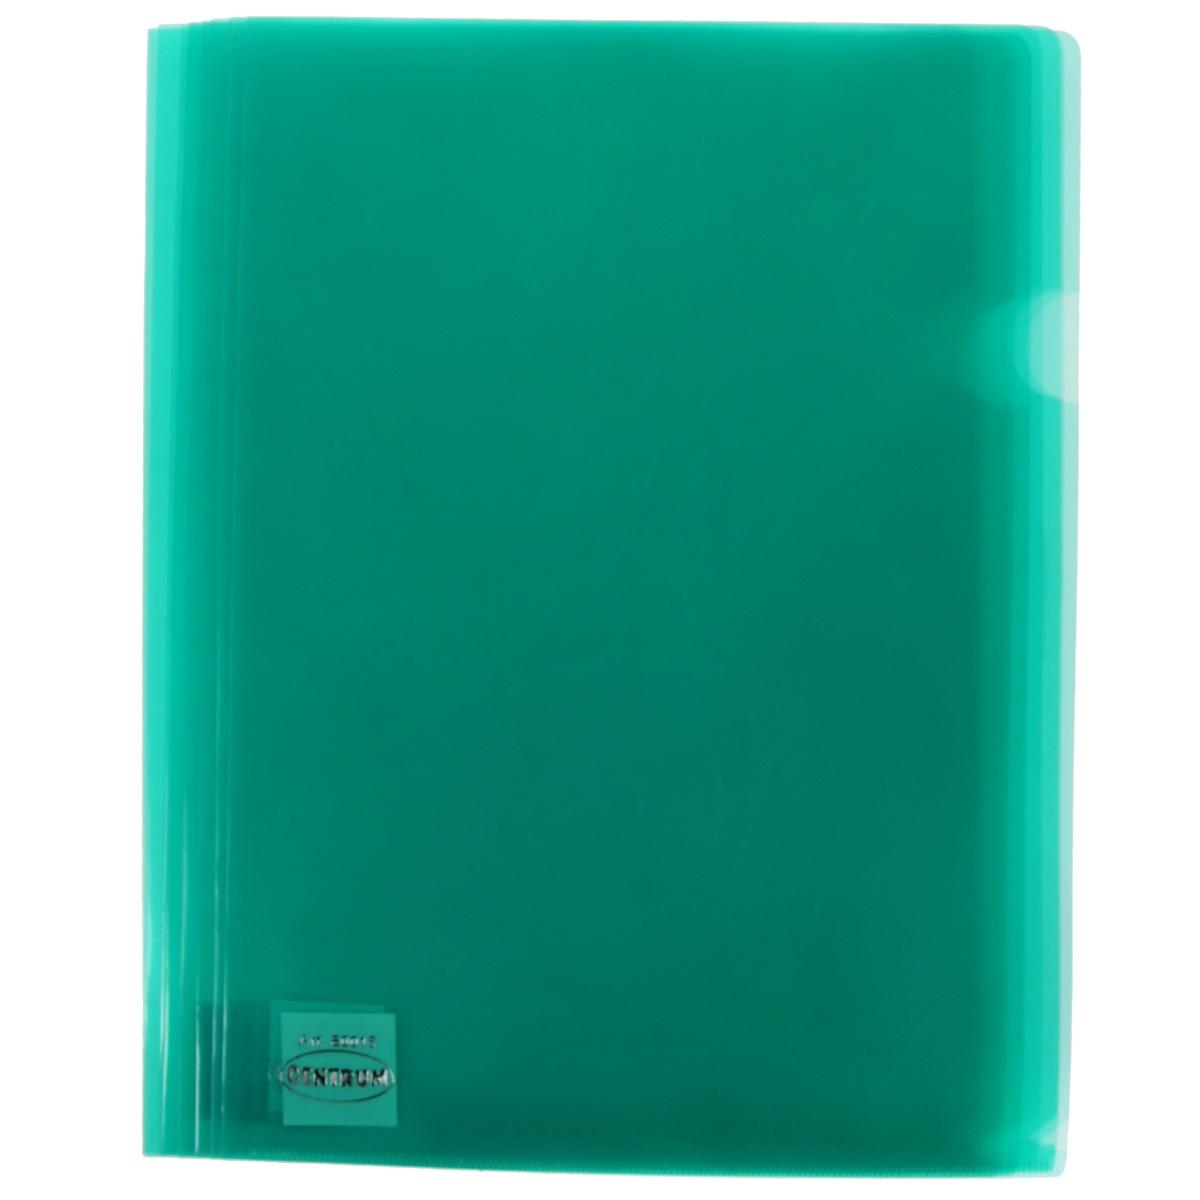 Папка-уголок Сentrum, 3 отделения, цвет: зеленый. Формат А4, 10 шт80022_зеленыйПапка-уголок Centrum - это удобный и практичный офисный инструмент, предназначенный для хранения и транспортировки рабочих бумаг и документов формата А4. Папка изготовлена из прозрачного глянцевого пластика, имеет три отделения с индексами-табуляторами. В комплект входят 10 папок формата А4. Папка-уголок - это незаменимый атрибут для студента, школьника, офисного работника. Такая папка надежно сохранит ваши документы и сбережет их от повреждений, пыли и влаги.